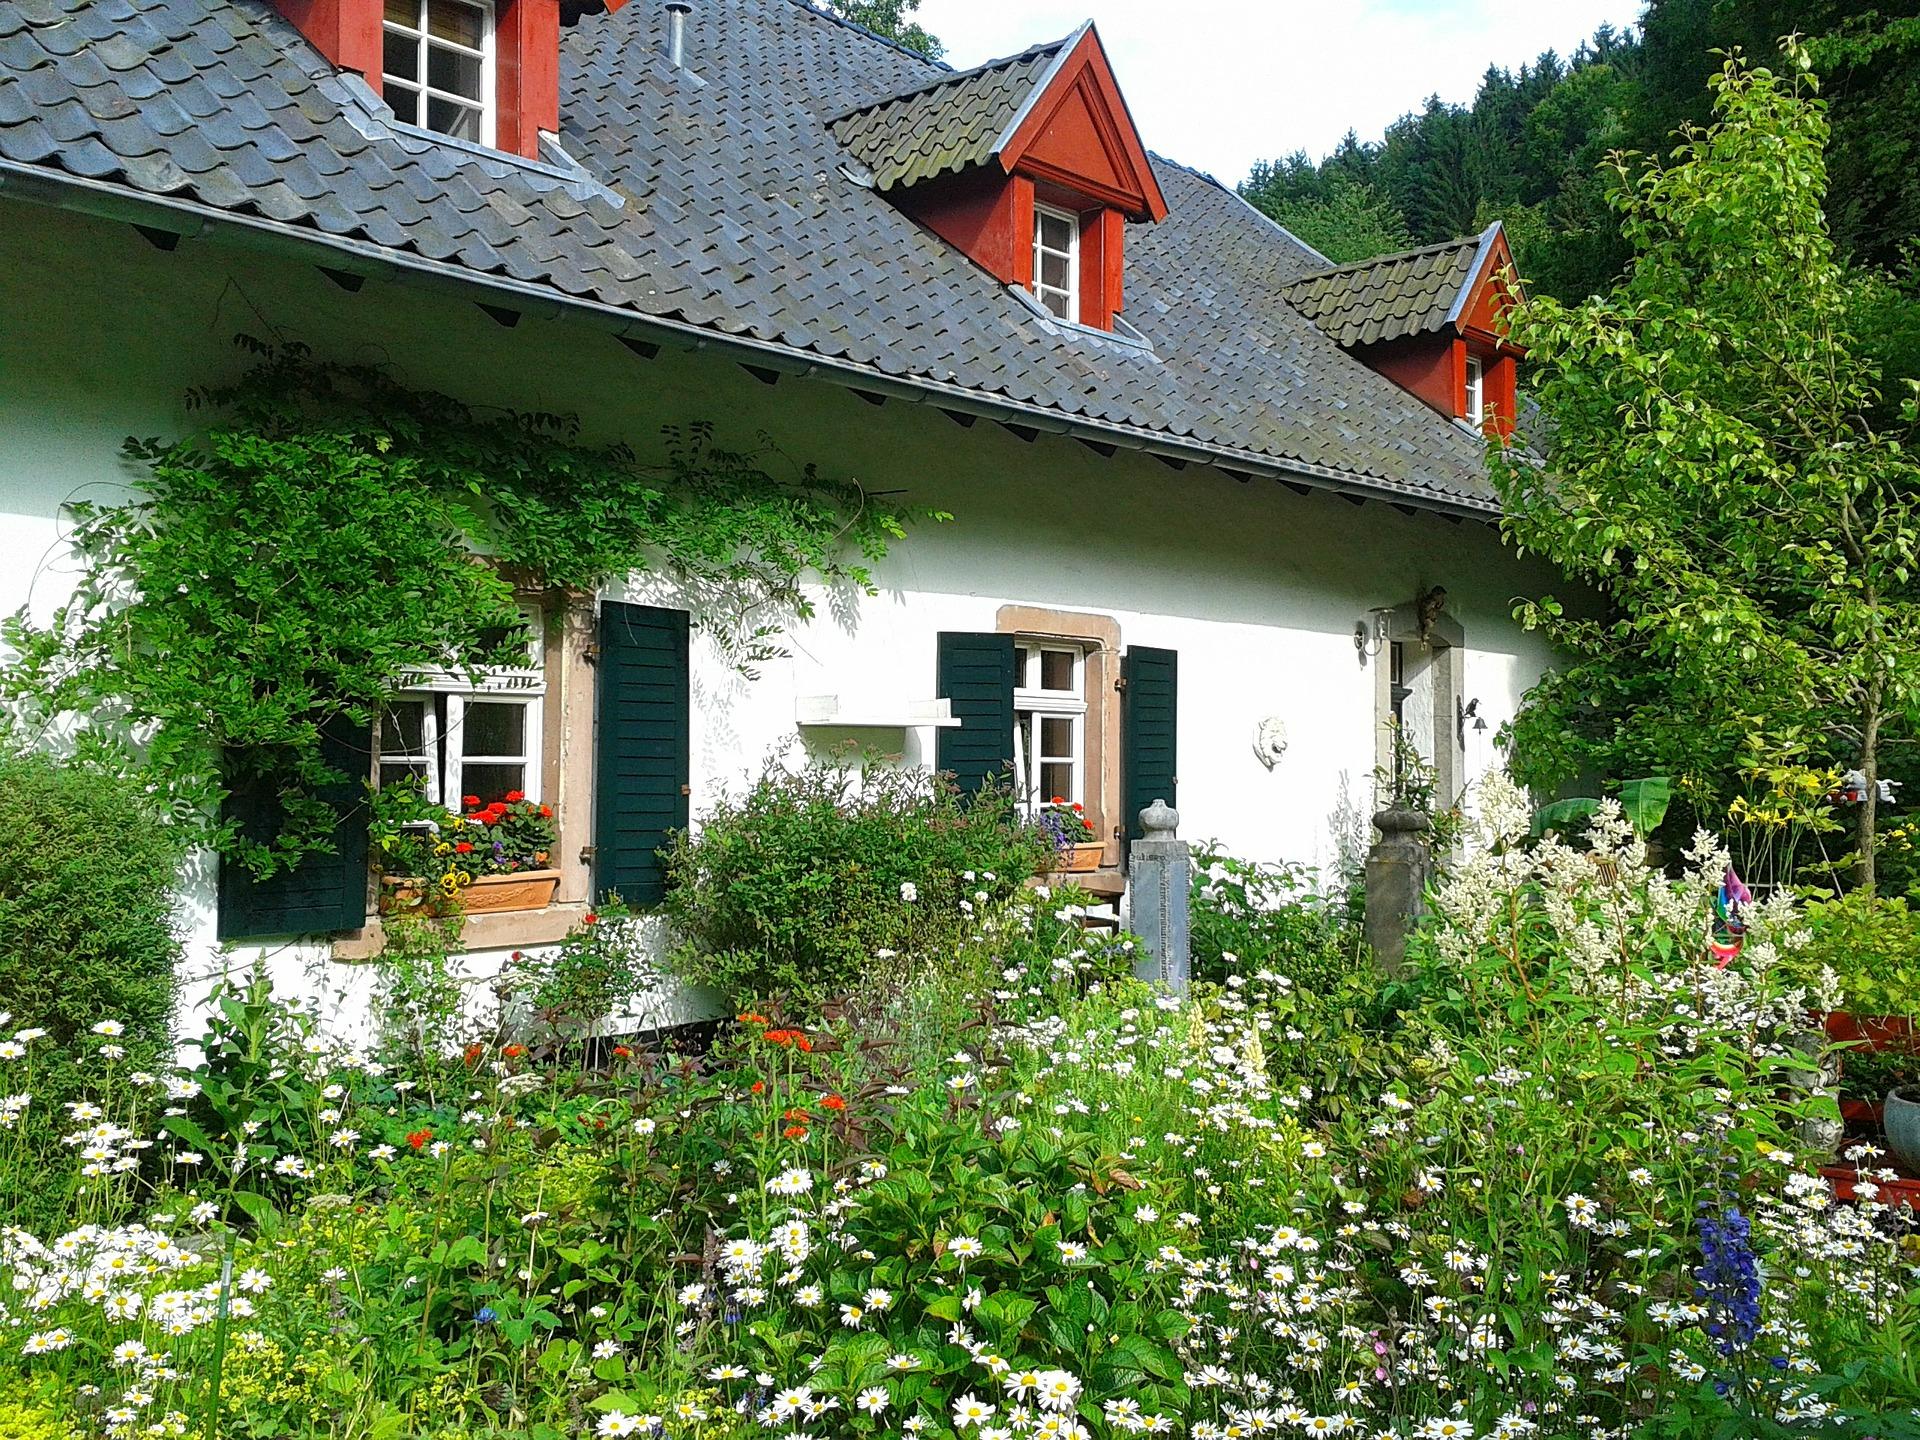 garden-302259_1920